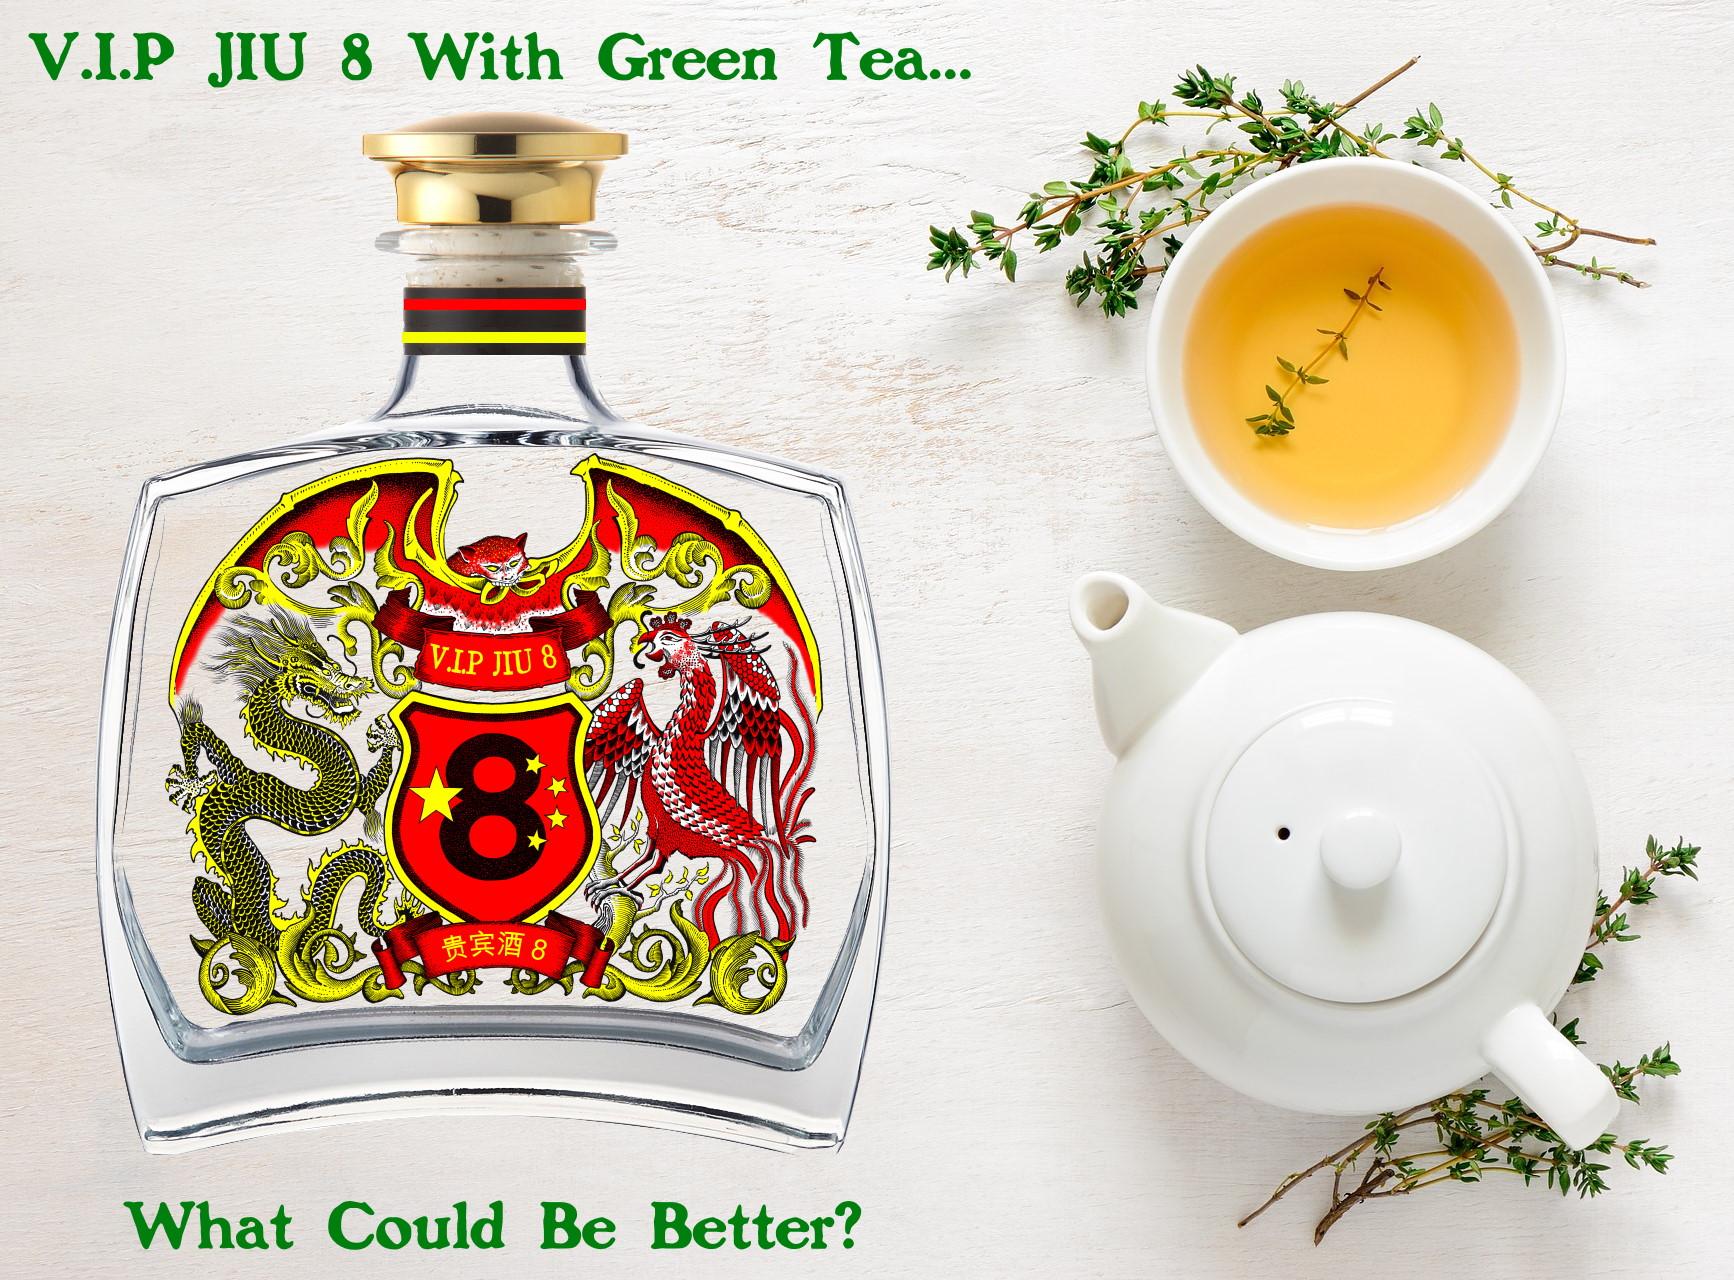 V.I.P. JIU 8 & Green Teas